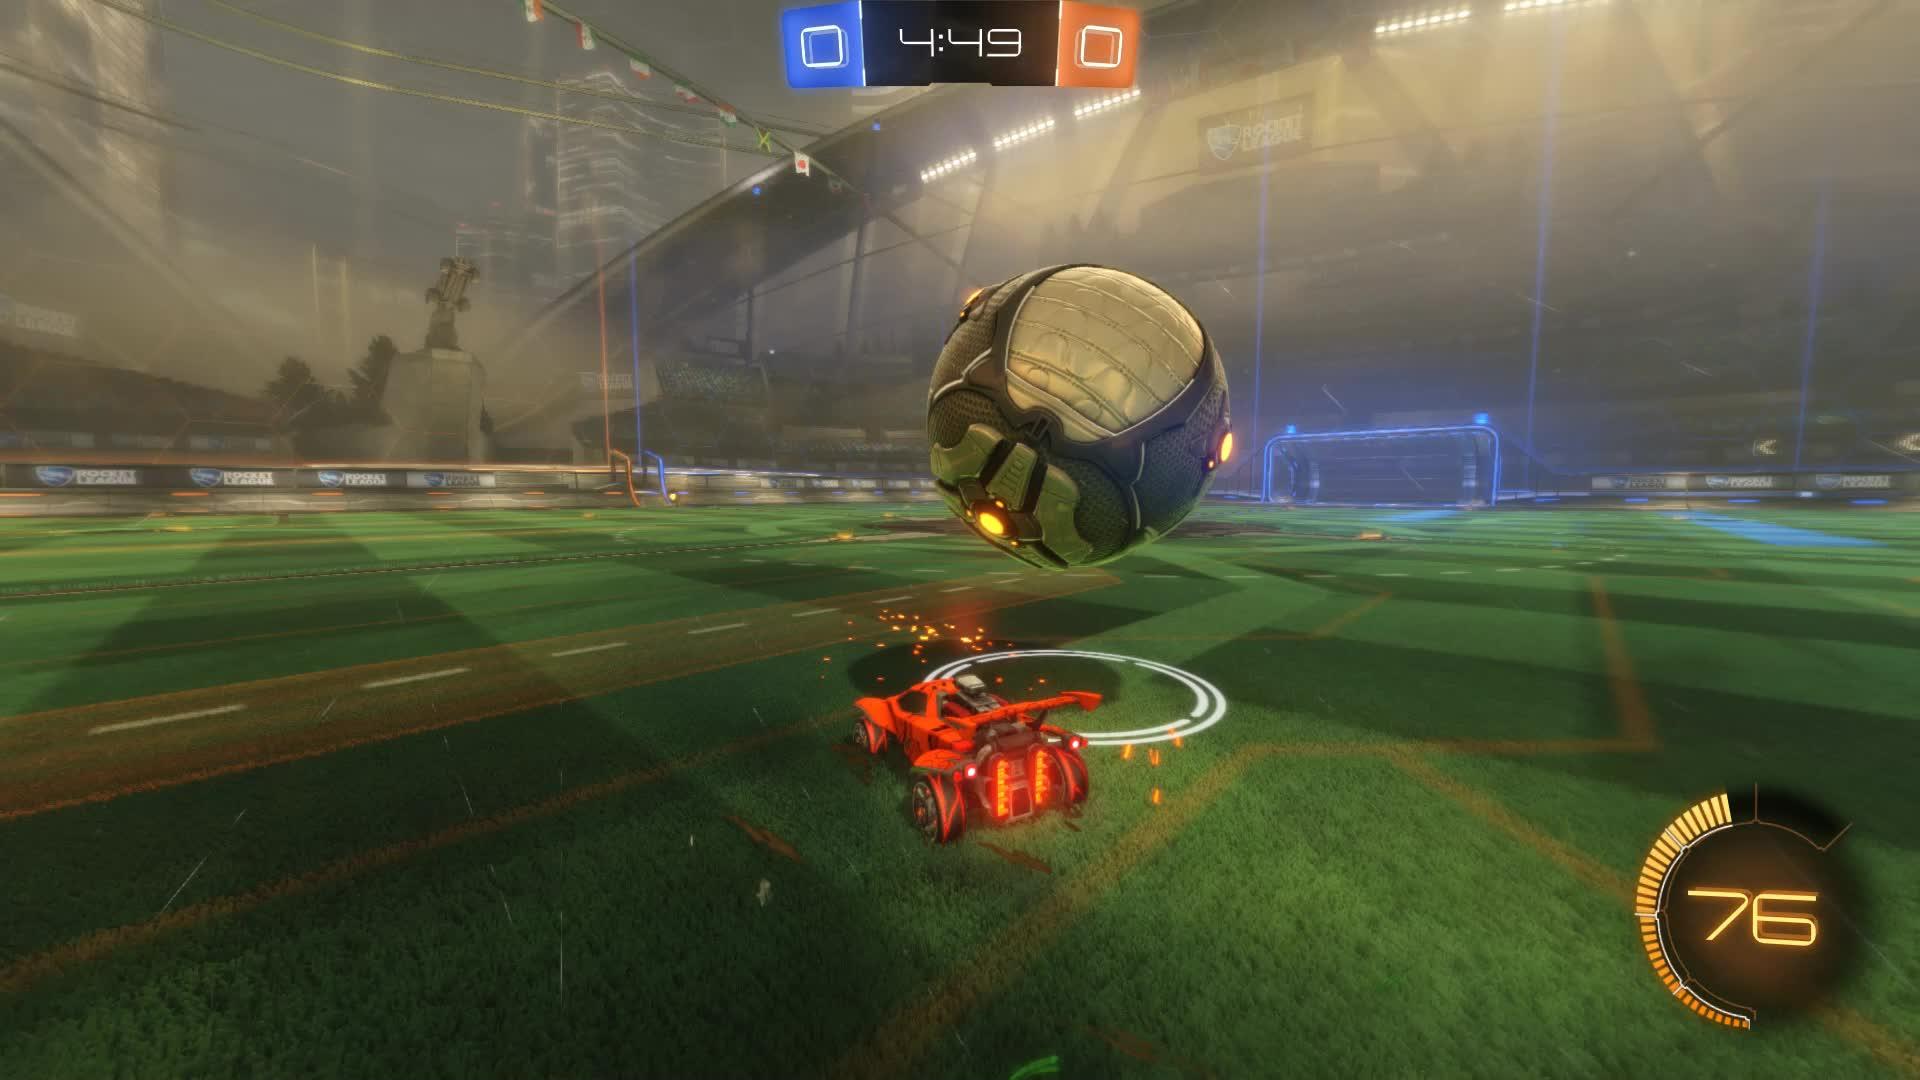 Gif Your Game, GifYourGame, Goal, Ketchup = Bipolar, Rocket League, RocketLeague, Goal 1: Ketchup = Bipolar GIFs